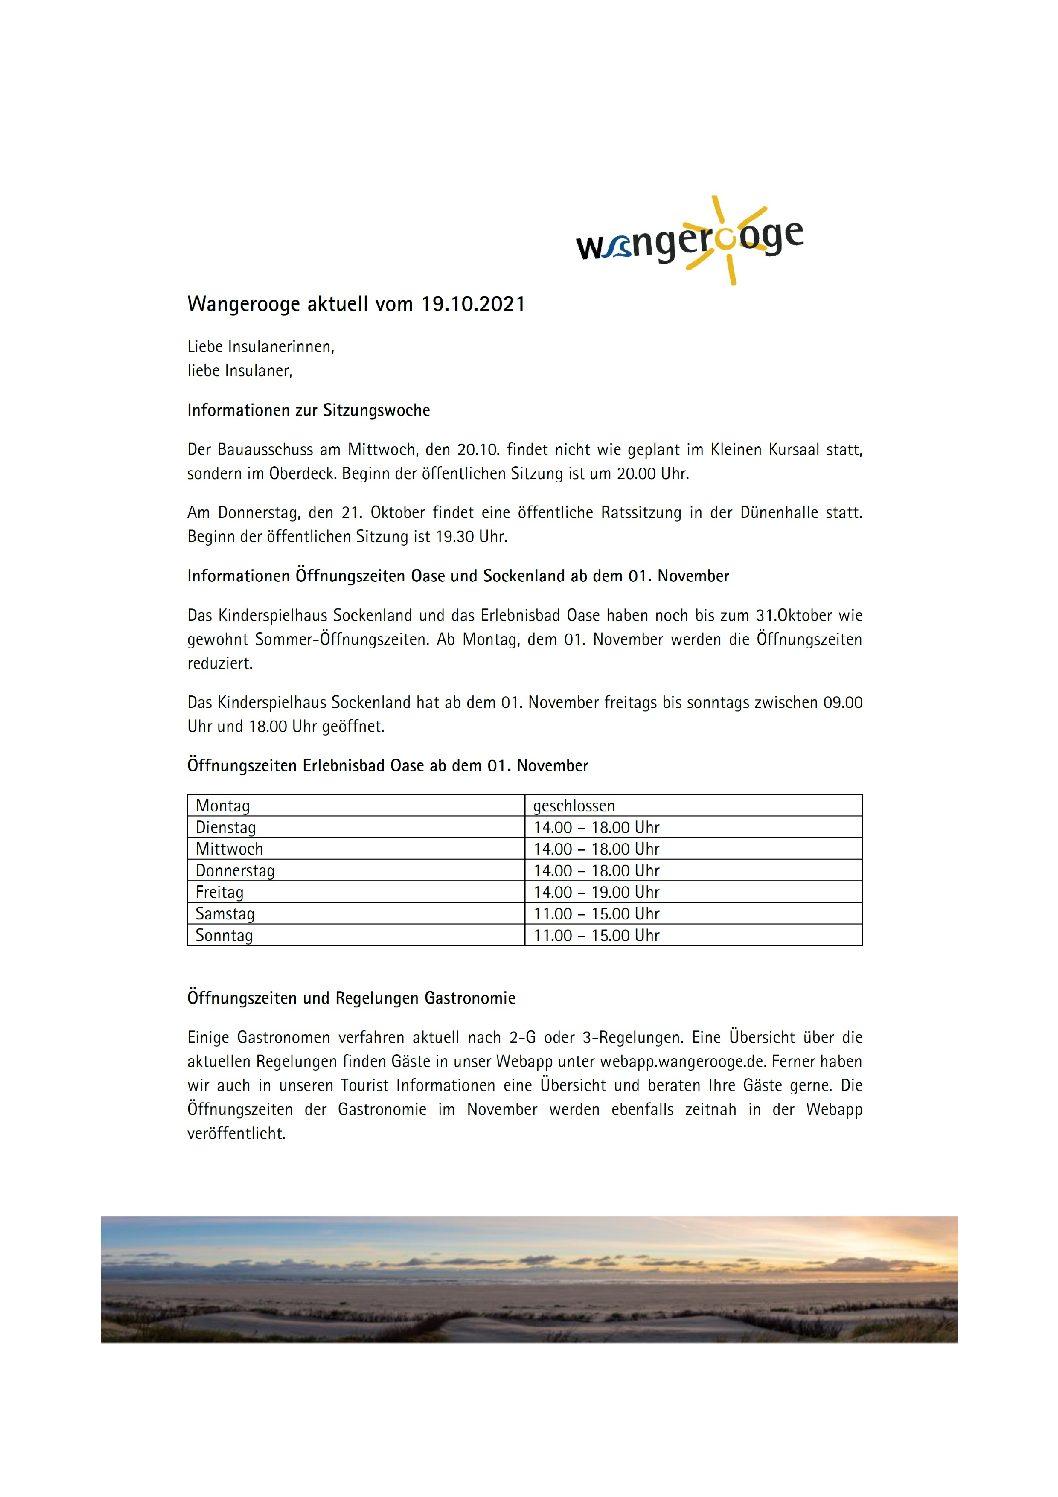 19.10.2021 Wangerooge Aktuell der Kurverwaltung